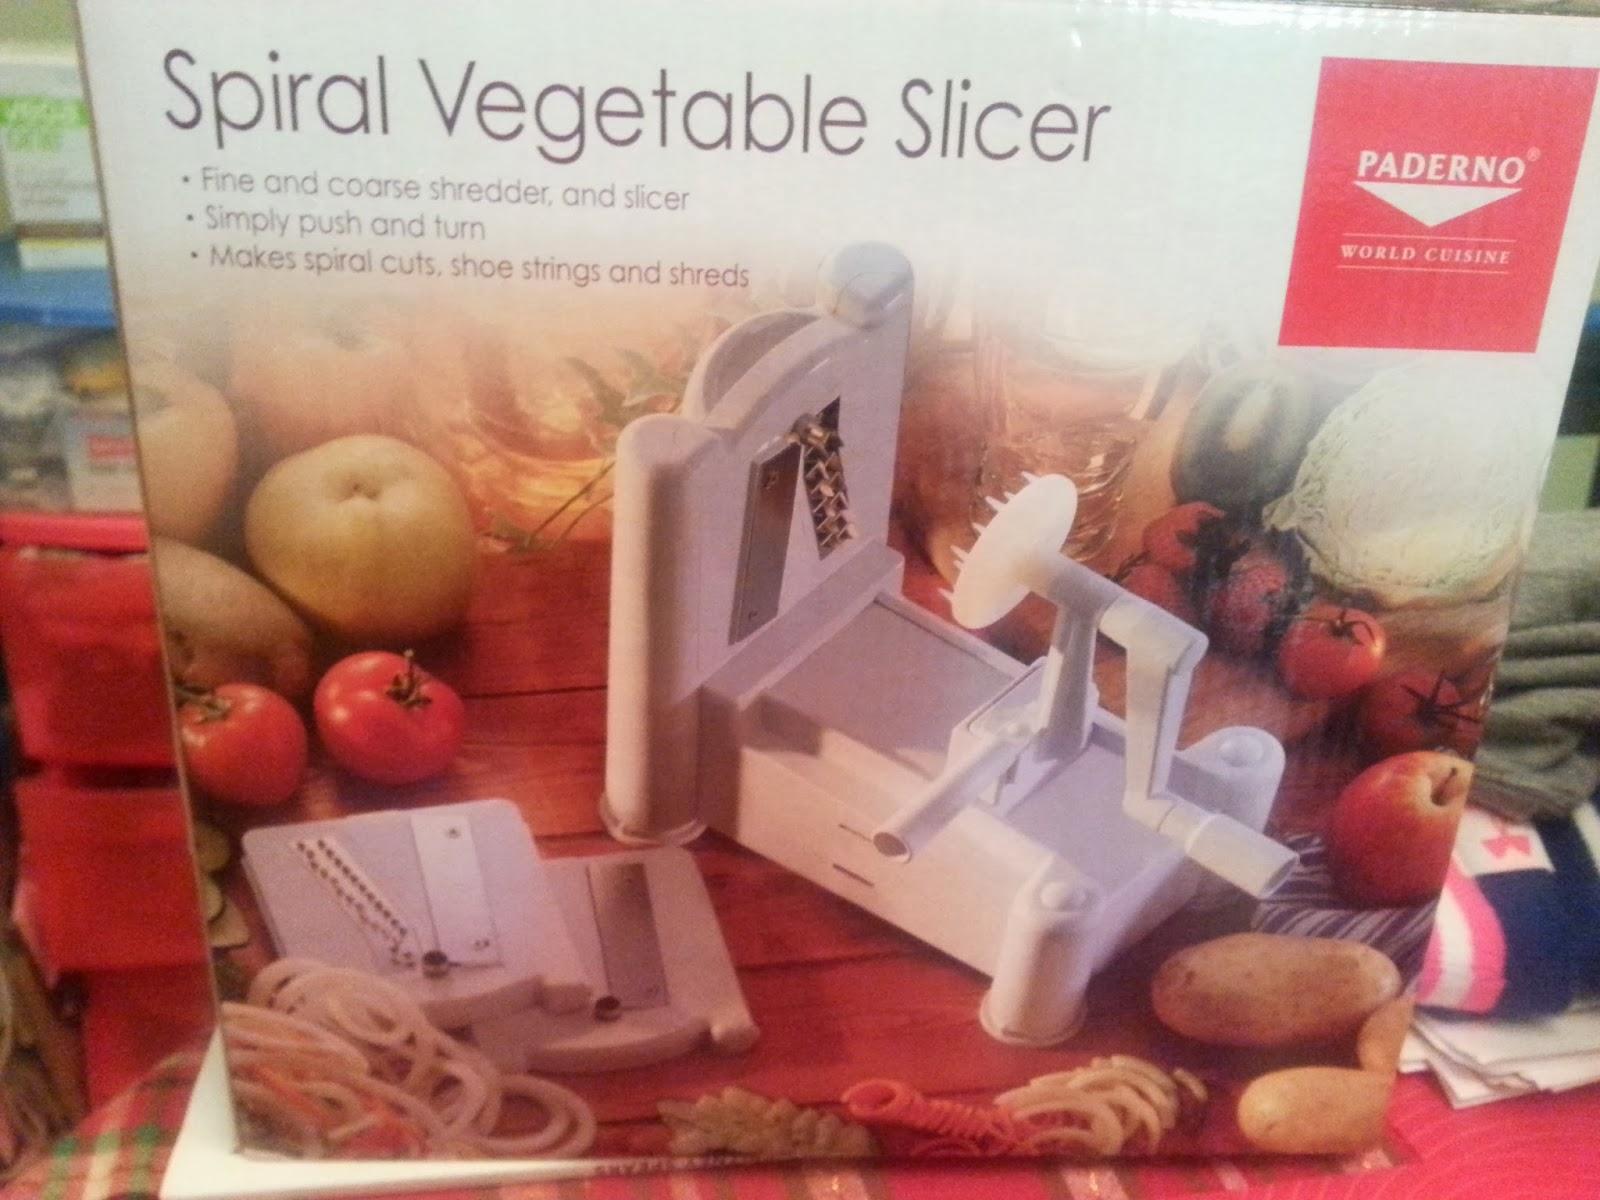 VegetableSpiralizer